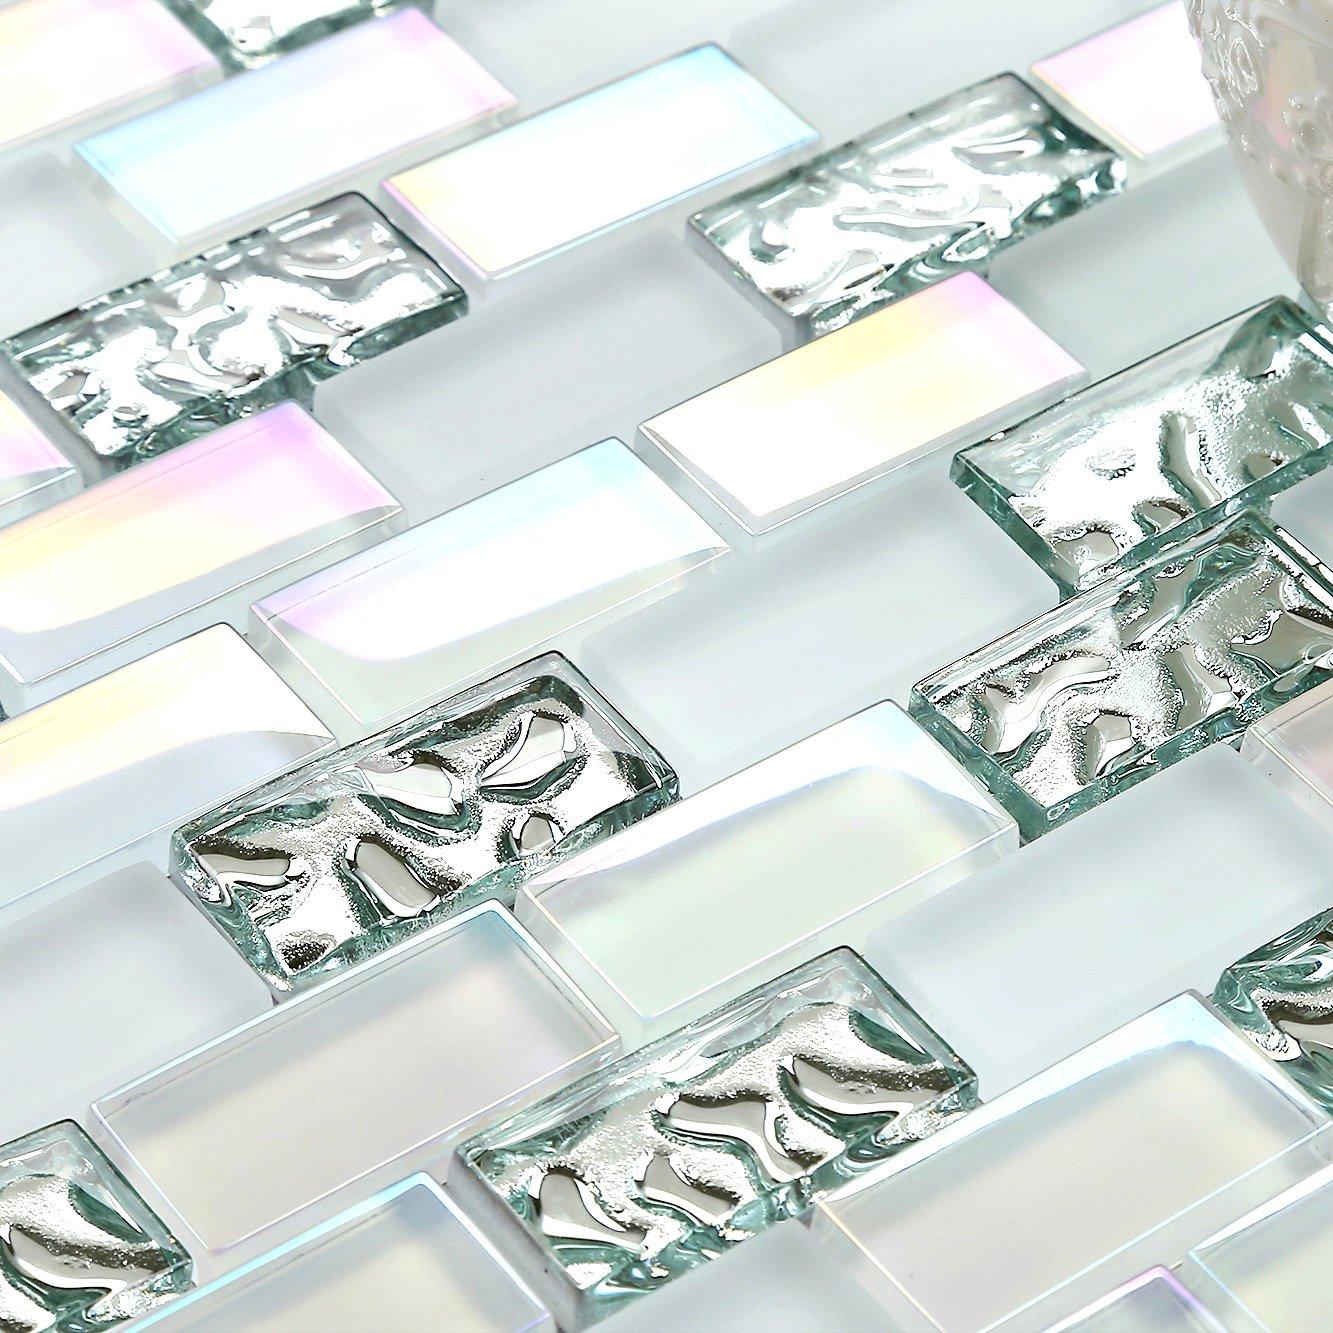 4'' x 6'' Sample Super White Subway Glass Mosaic Tile Iridescent Finish Art Mosaics for Kitchen Bath Backsplash TSTNB04